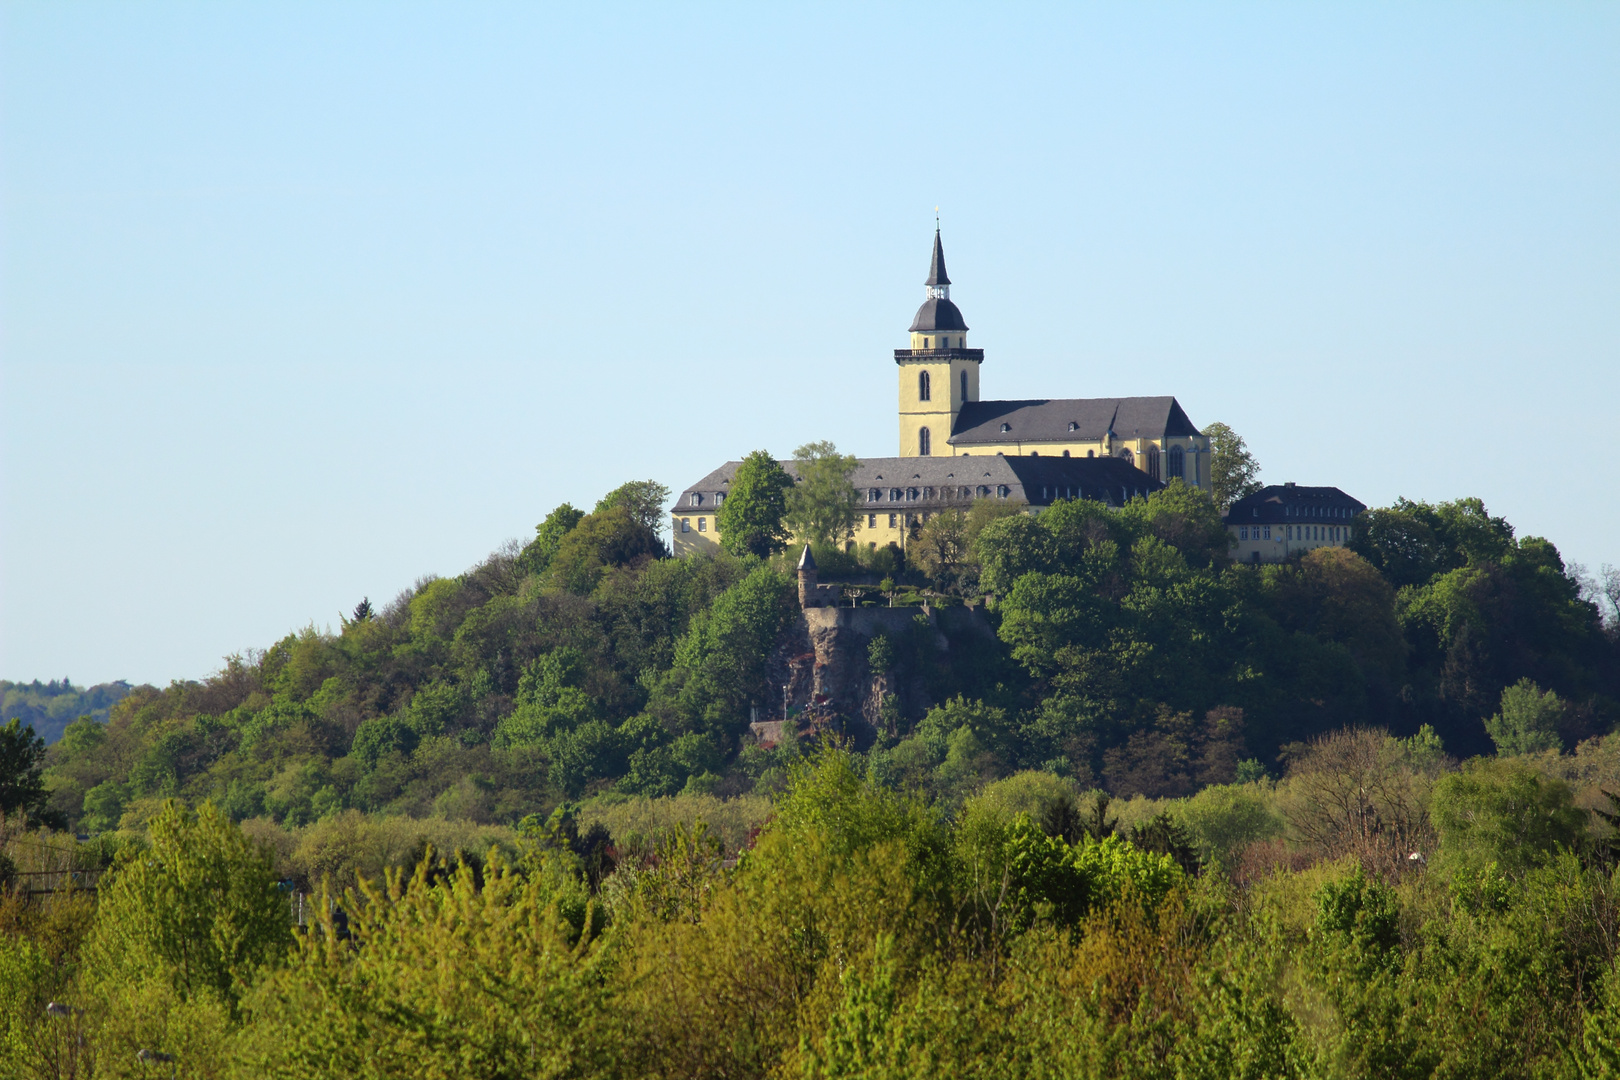 Abtei Michaelsberg